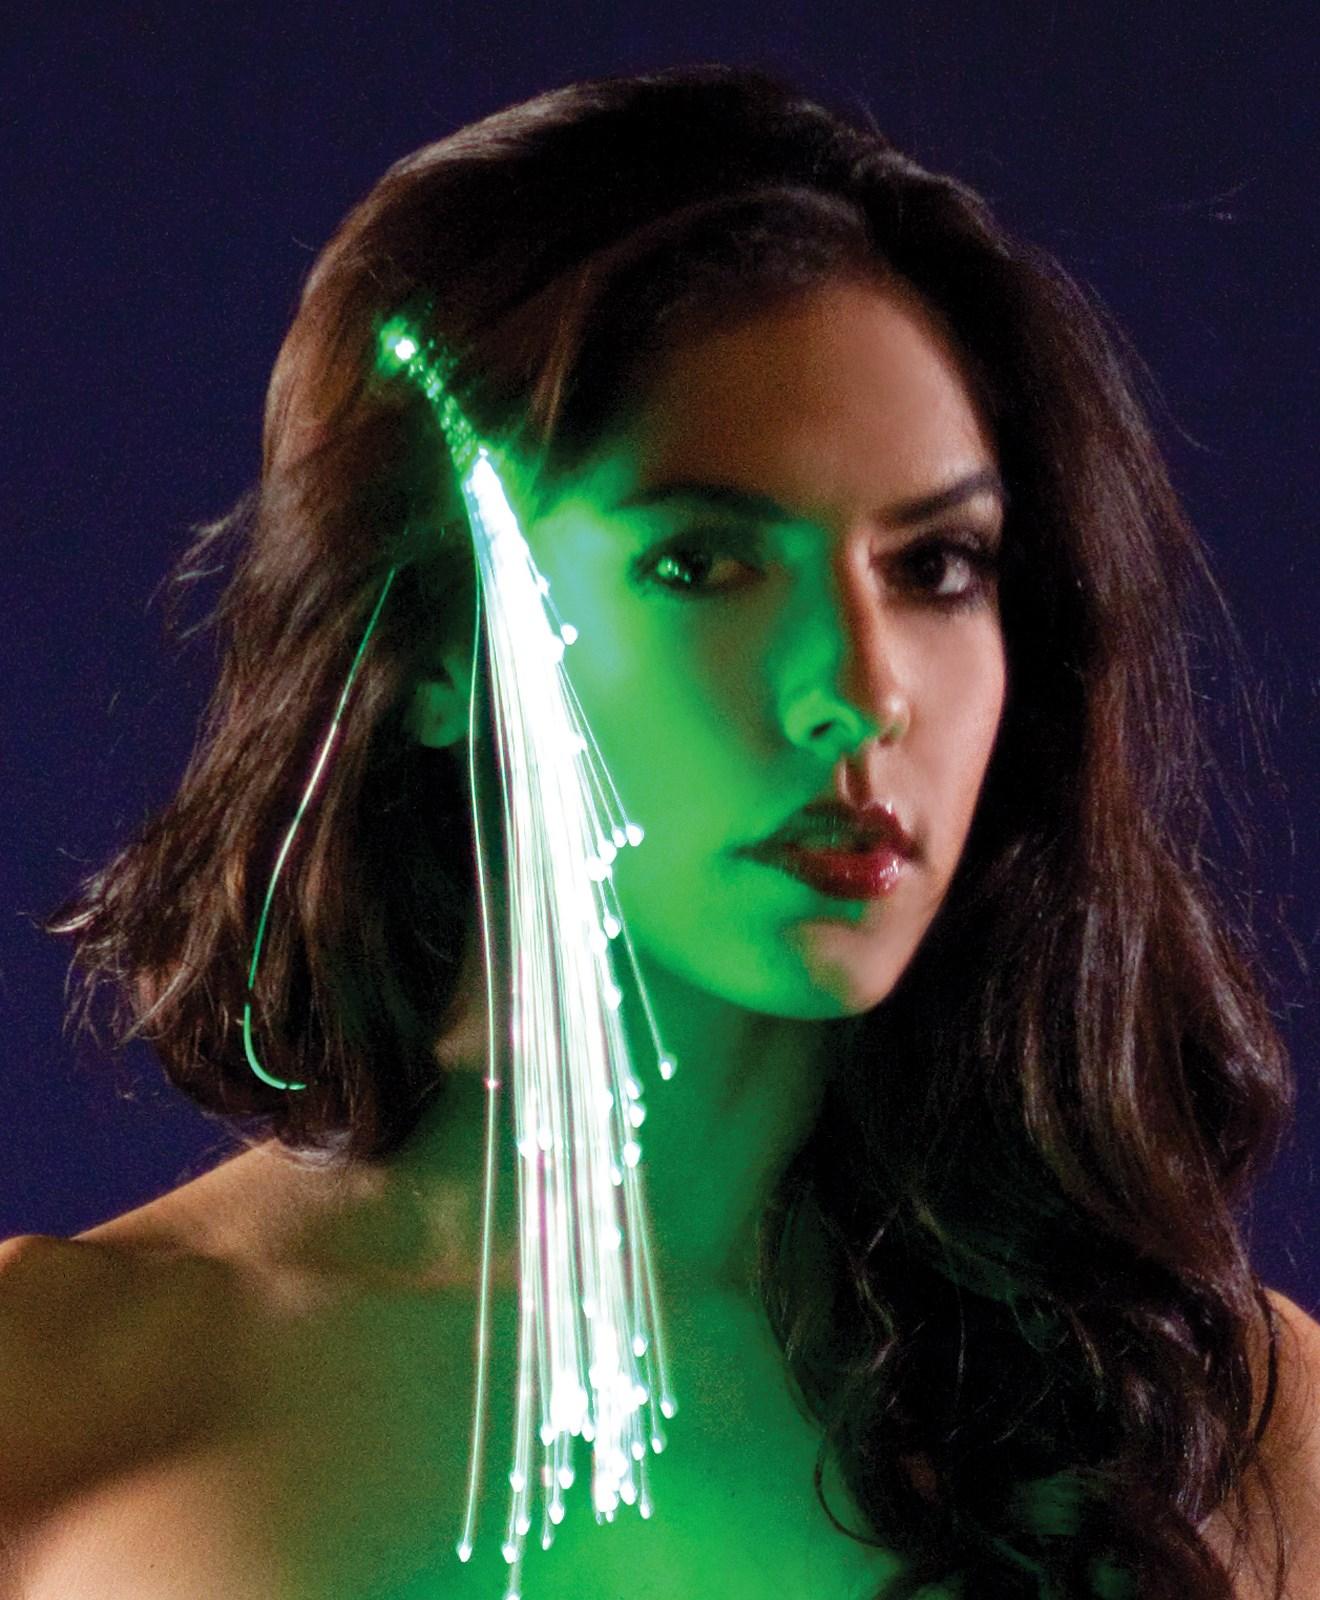 Green Light Up Hairclip For Girls